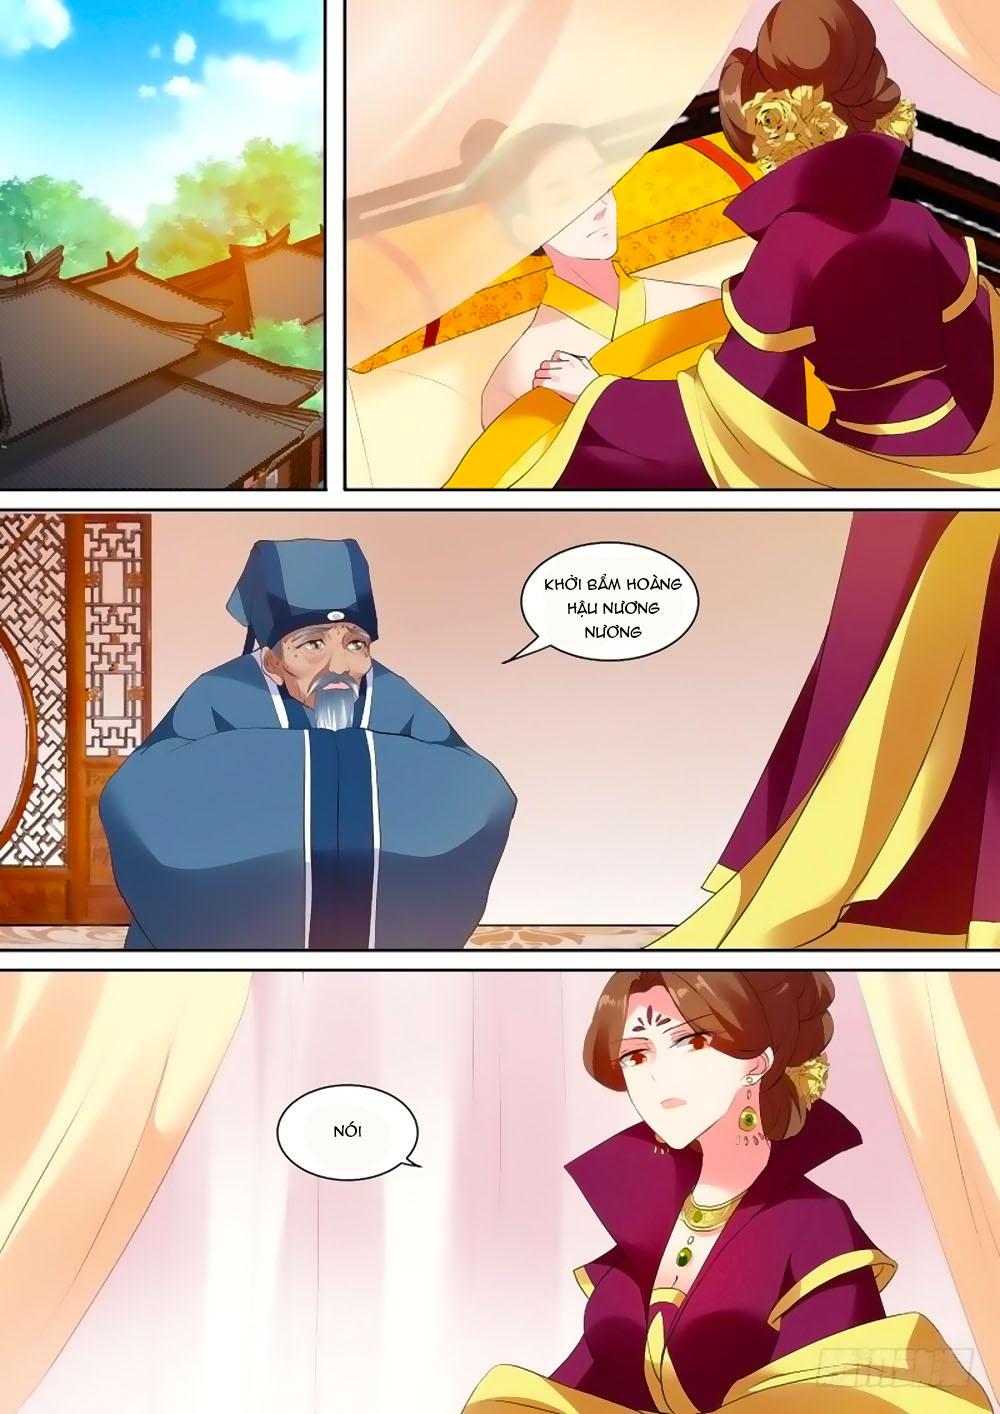 Hệ Thống Chế Tạo Nữ Thần chap 129 - Trang 2